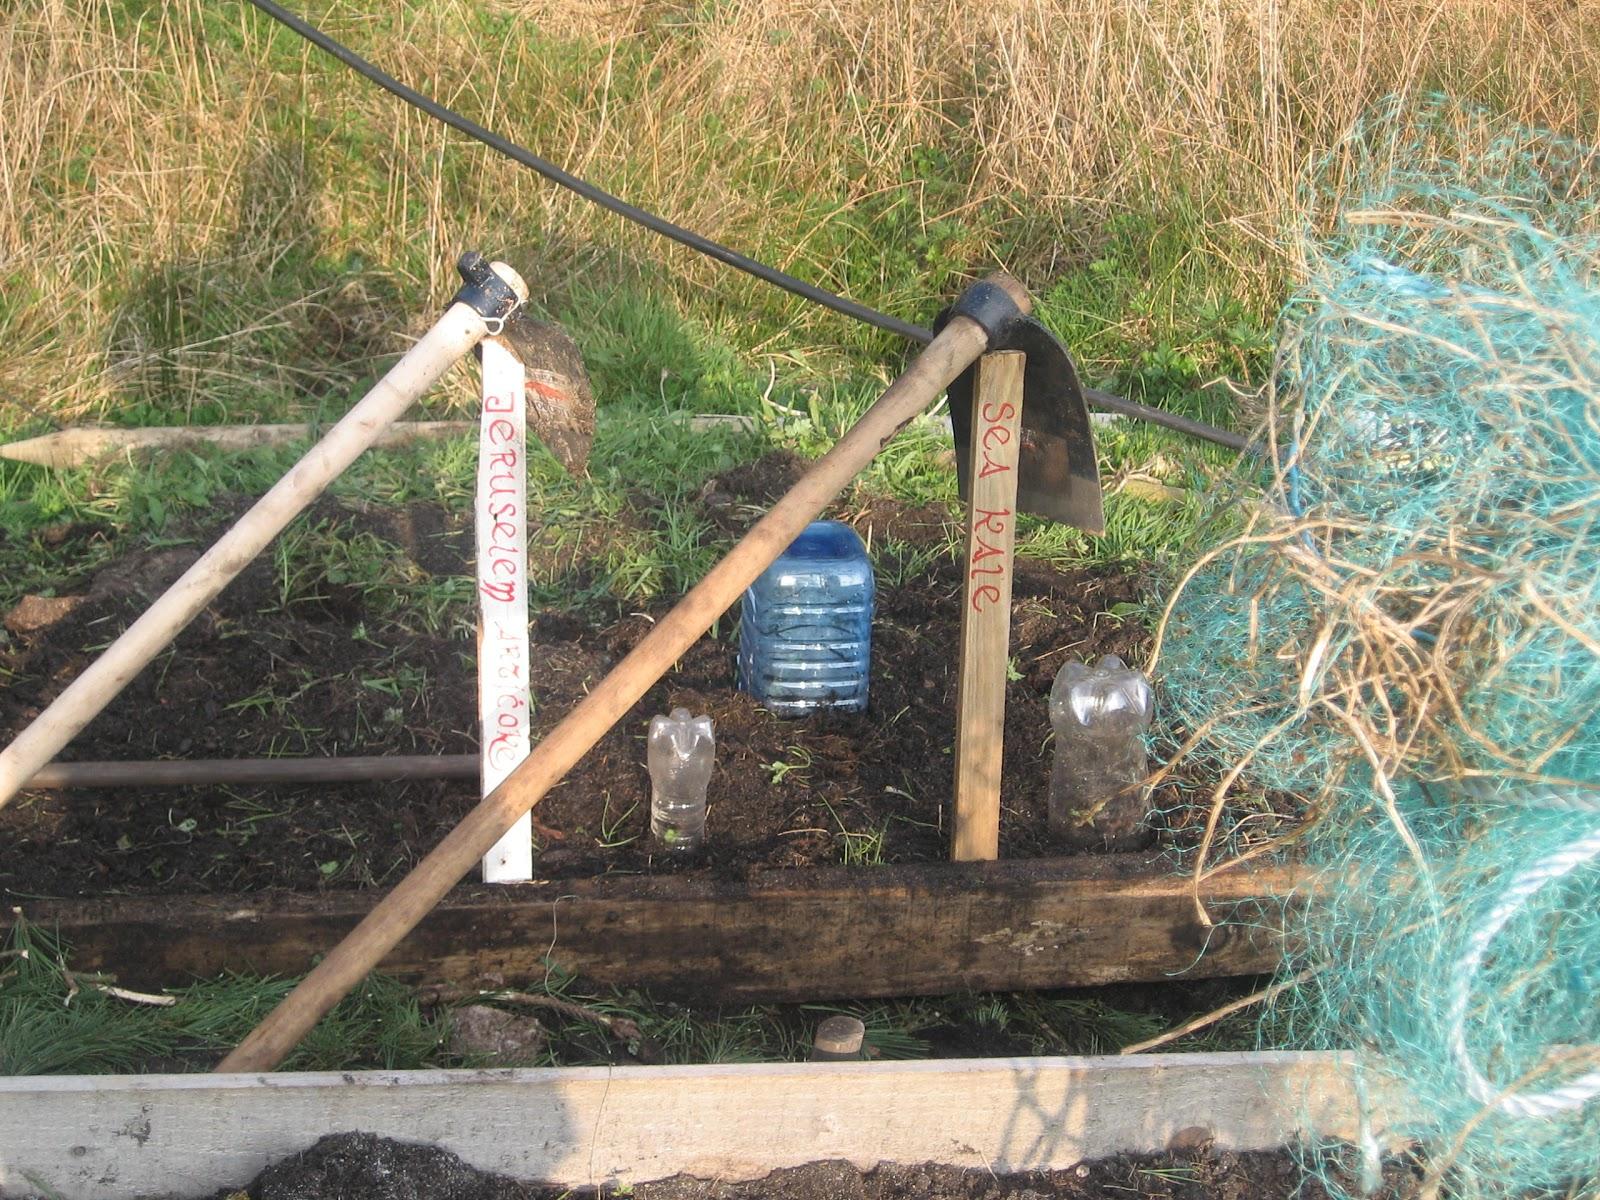 Irish kitchen garden a connemara croft new permabed for Gardening tools ireland